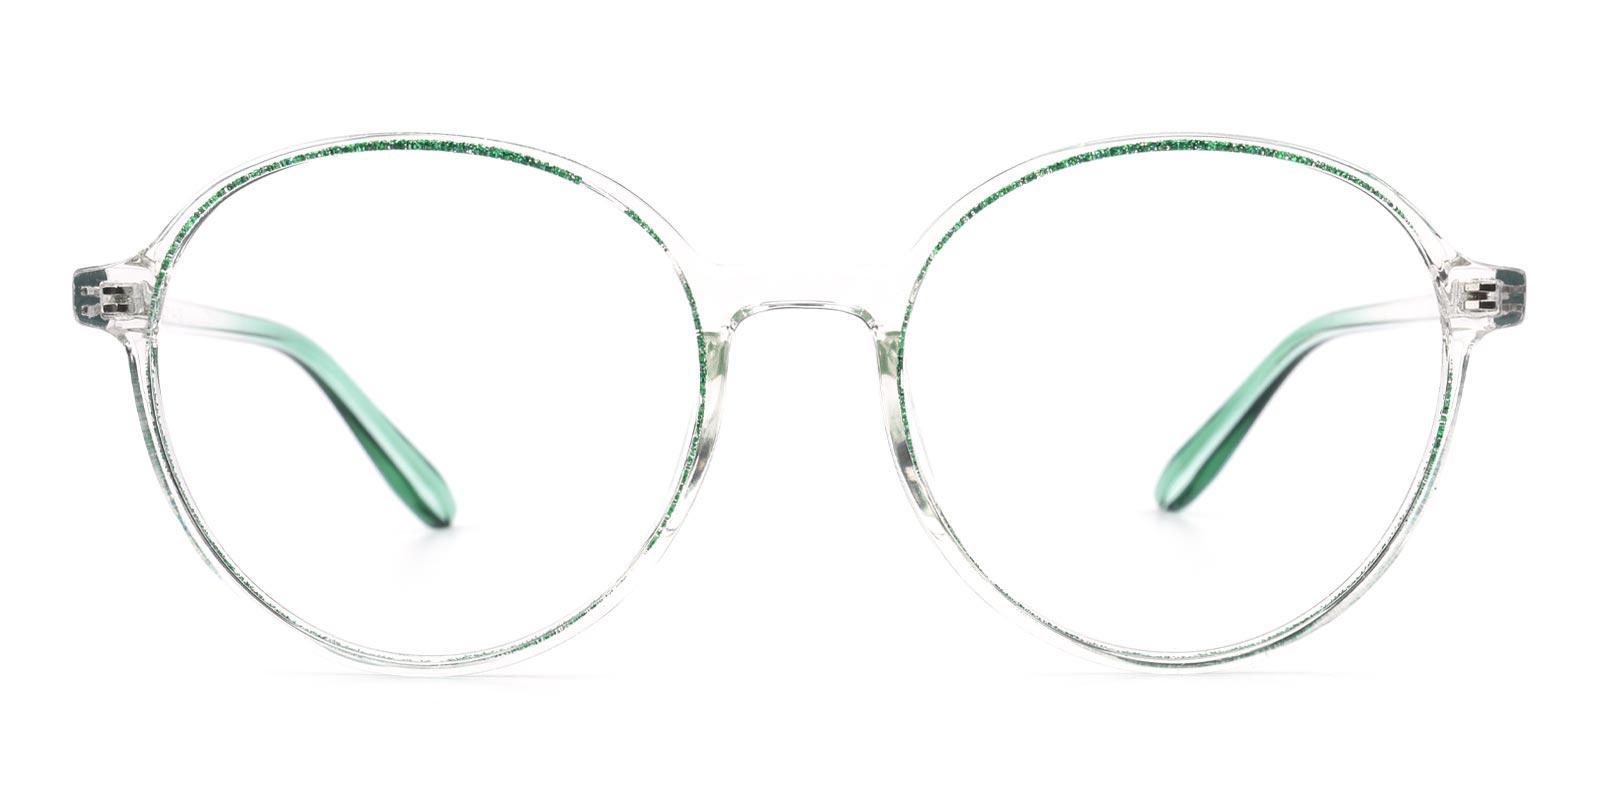 Iride-Green-Round-Acetate-Eyeglasses-detail